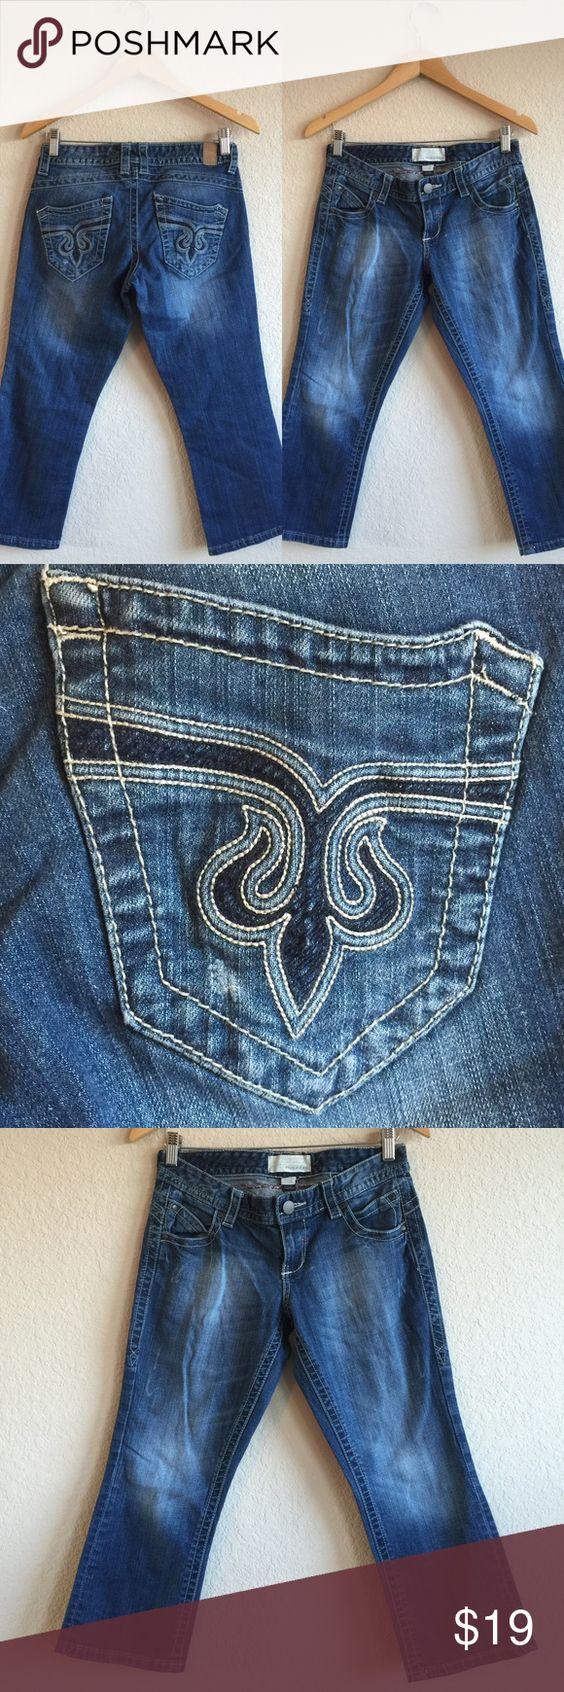 MAURICES ❤️ Jean Capris, Sz 3/4 Adorable jean capris!  Cute back pockets!  Size 3/4!  💗💗💗 Maurices Jeans